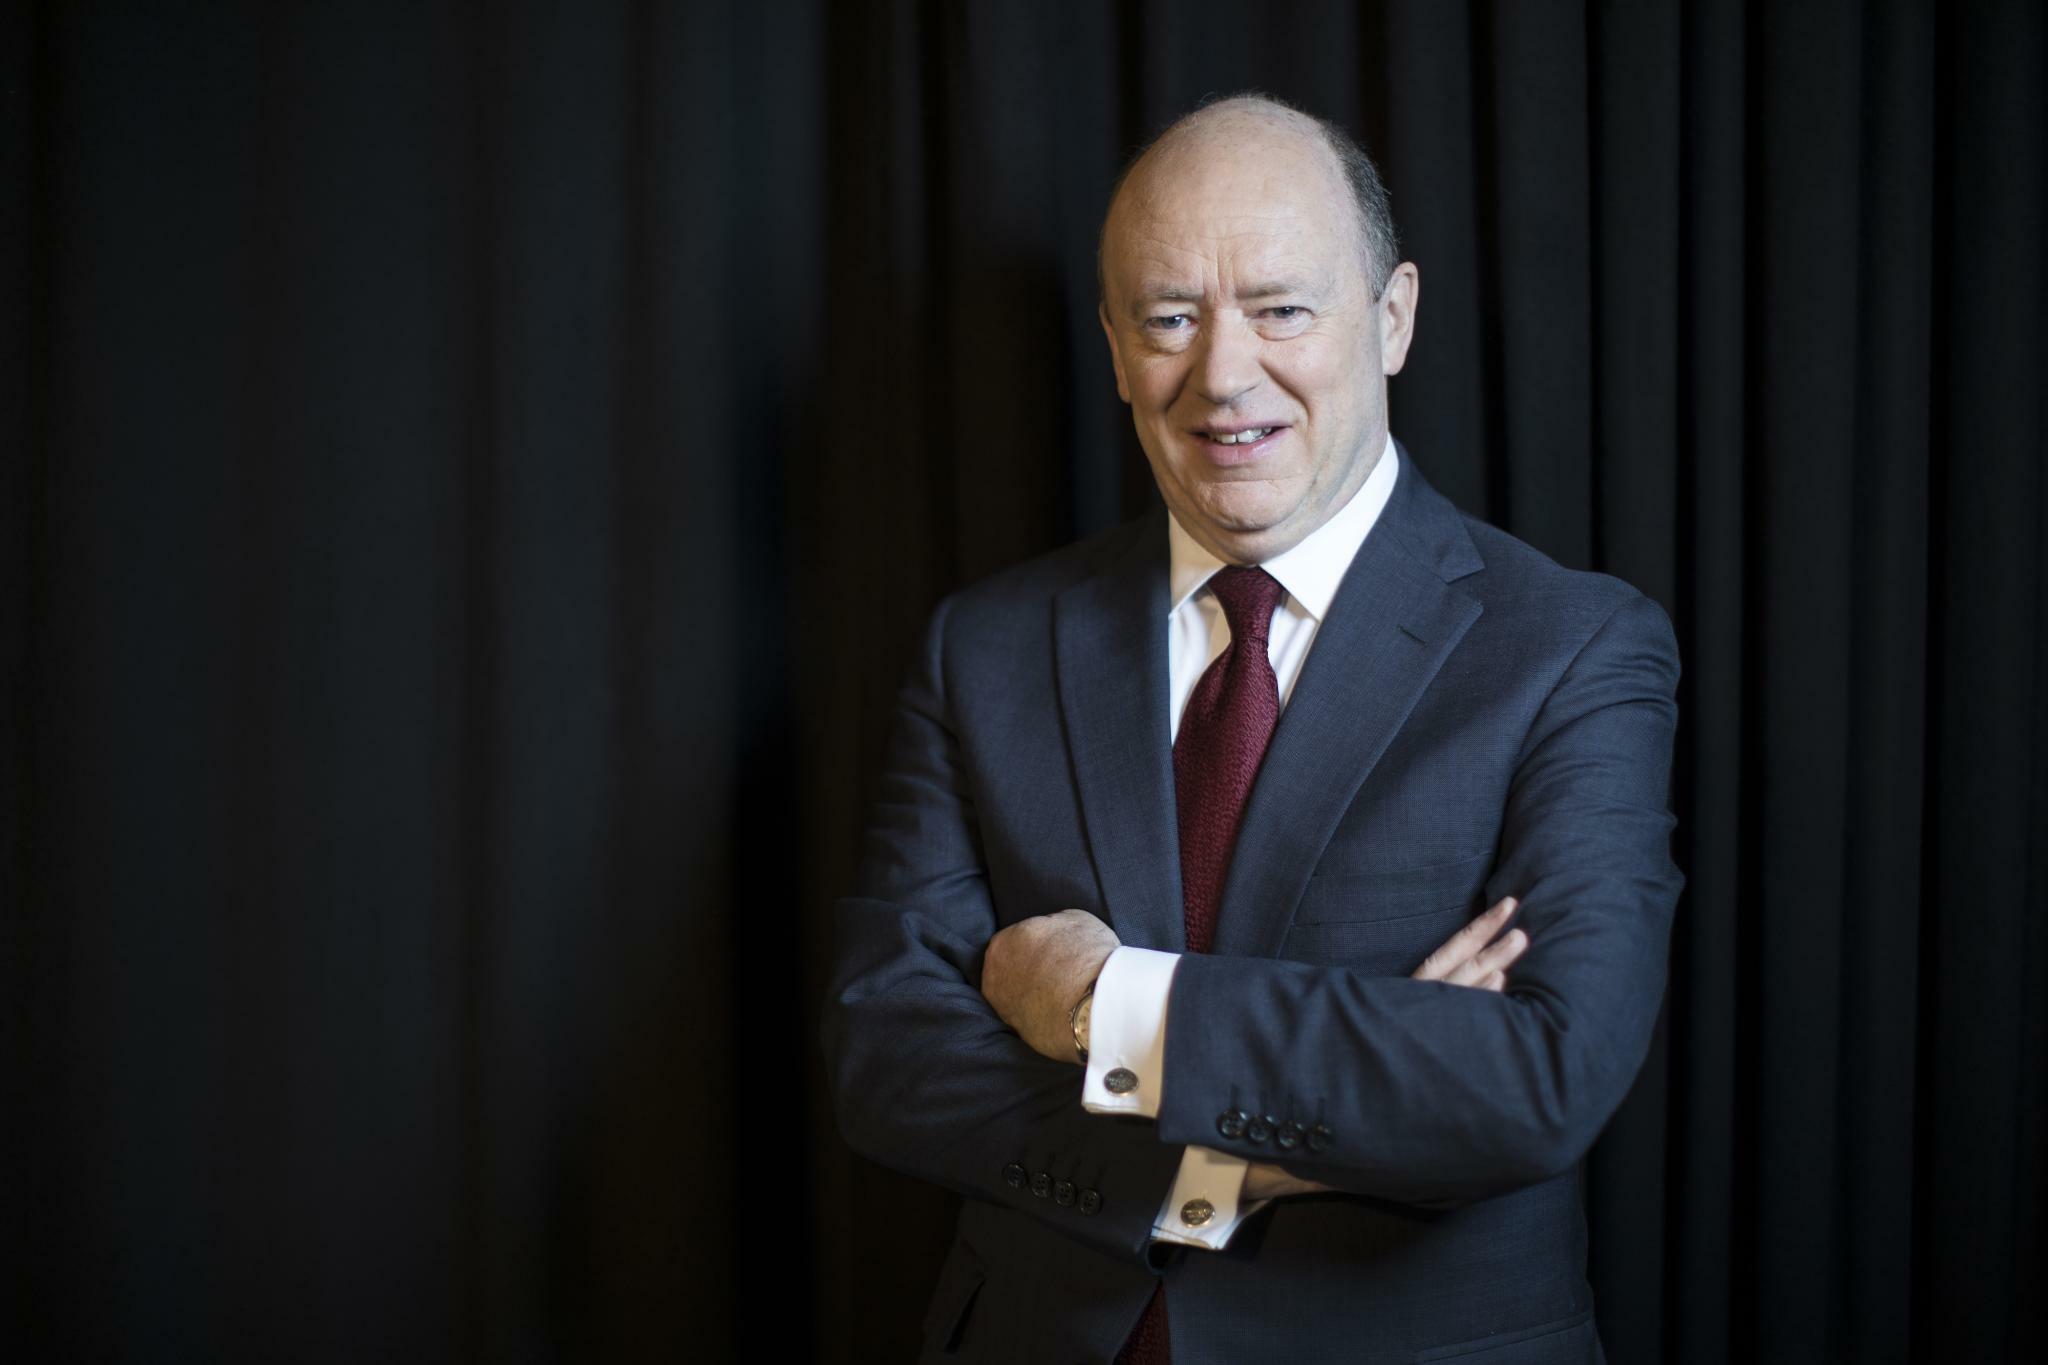 John Cryan wird Verwaltungsratschef des Hedgefonds Man